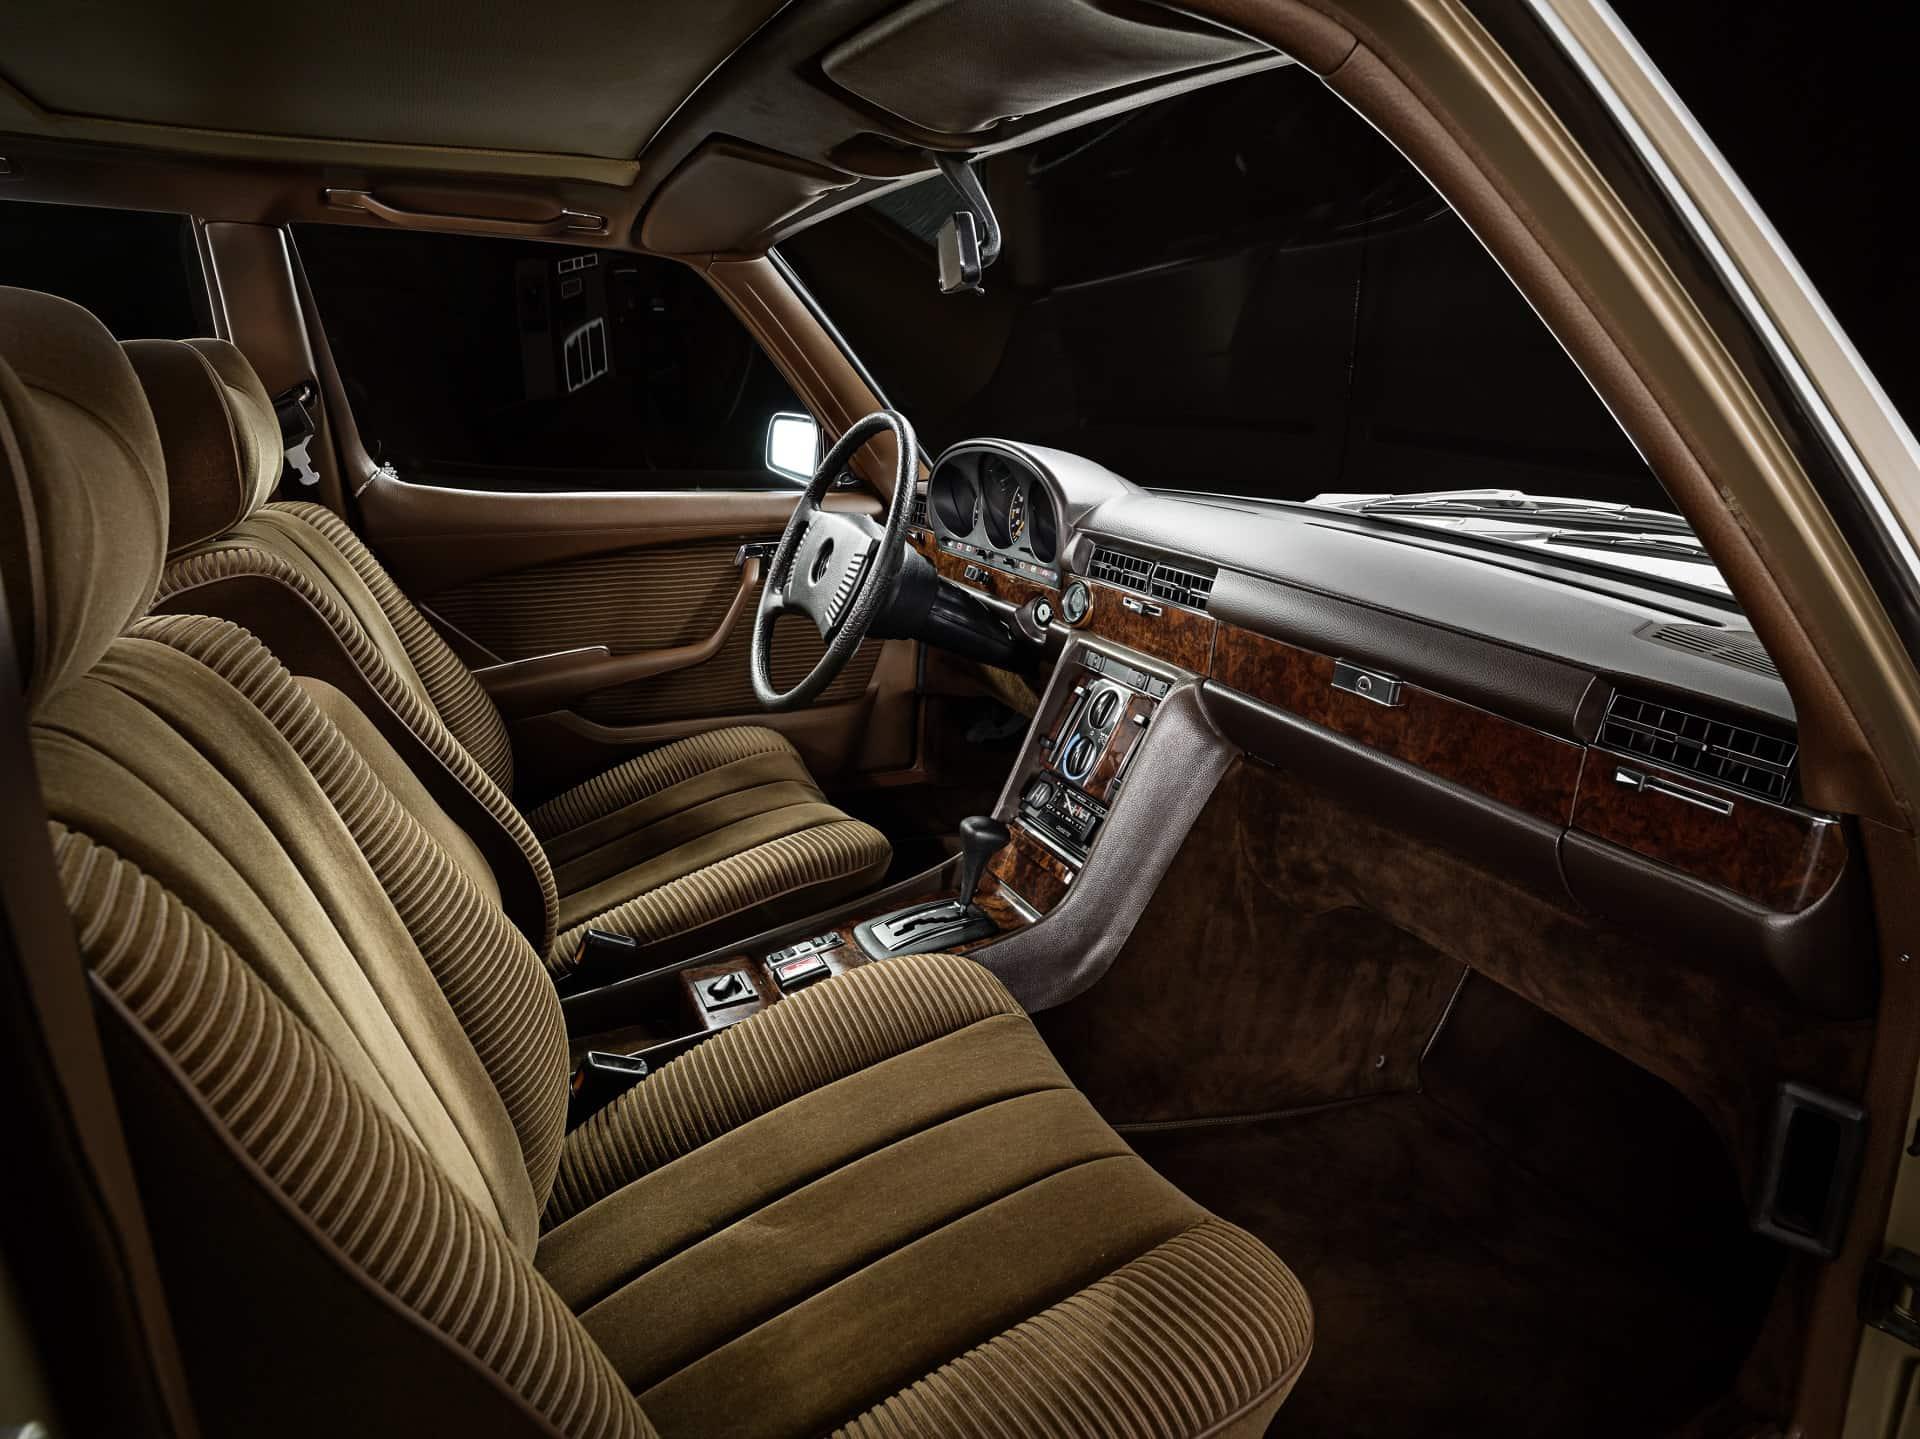 Mercedes-Benz S-Klasse, Limousine der Baureihe 116 (1972 bis 1980), Interieur mit Instrumententafel. Der Zuwachs an Fahrzeugsystemen für mehr Sicherheit und Komfort erfordert auch neue ergonomische Lösungen: Erstmals befindet sich unterhalb der Instrumententafel eine Konsole mit den Schiebeschaltern und Reglern für Heizung und Belüftung sowie für das Autoradio. Foto eines 450 SEL 6.9, Baujahr 1980, aufgenommen im Jahr 2005. Mercedes-Benz model series 116 S-Class Saloon (1972 to 1980), interior with instrument panel. The increase in onboard systems for greater safety and comfort also required new ergonomic solutions: for the first time, a console was installed beneath the dashboard to house the slide switches and controls for the heating and ventilation, as well as the radio. Image of a 450 SEL 6.9, produced in 1980, taken in 2005.